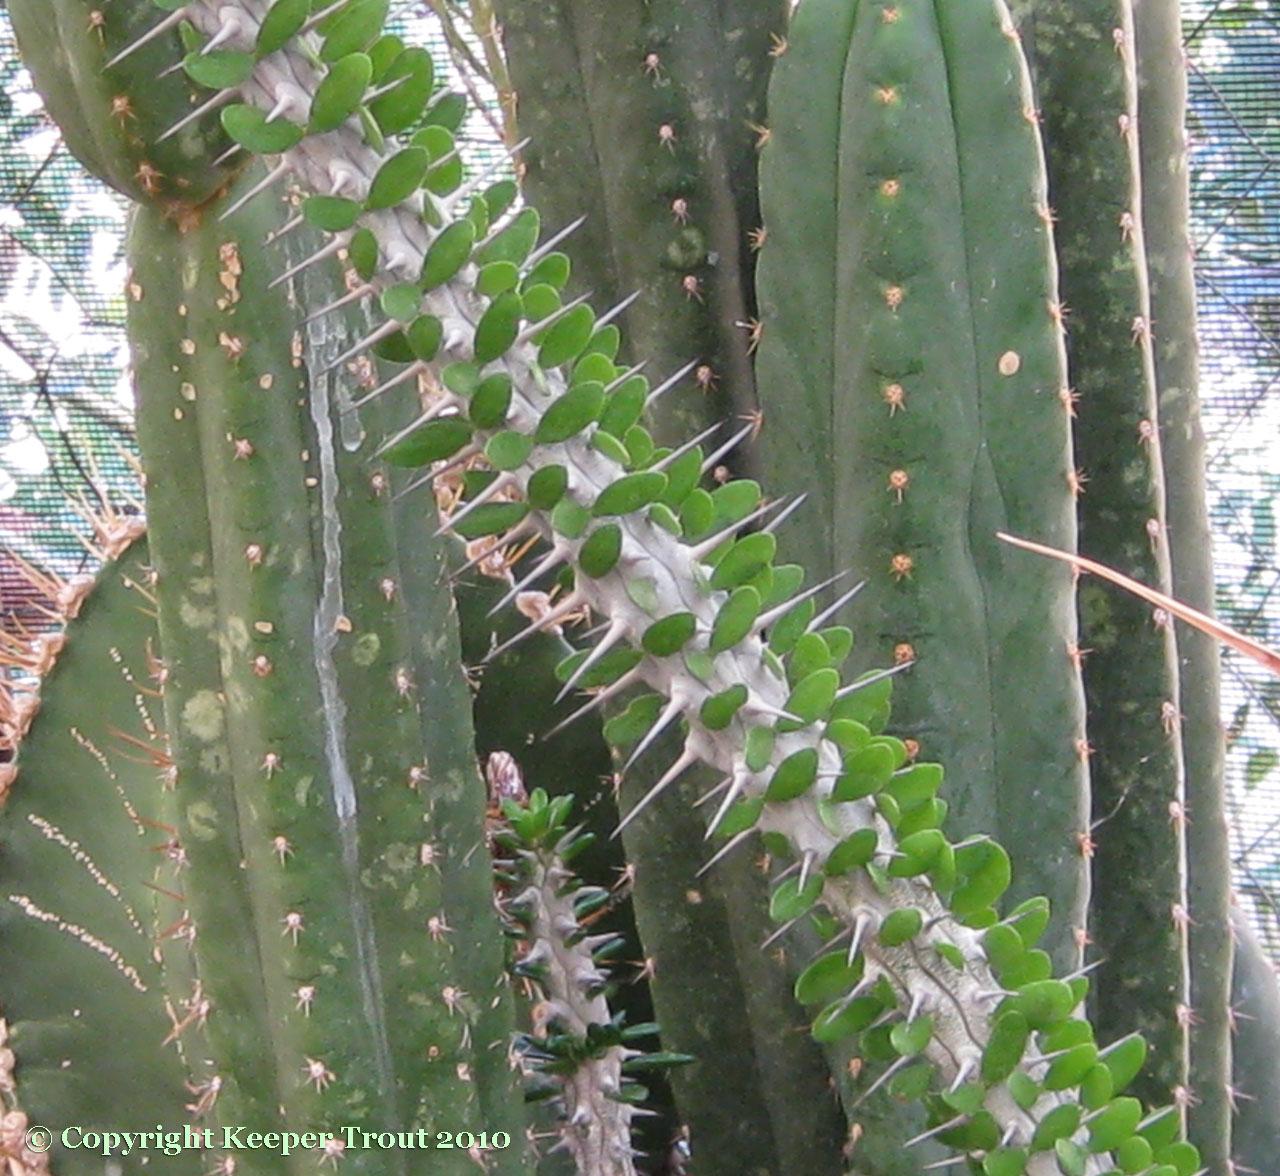 Trichocereus-pachanoi-Tarapoto-NMCR-2010